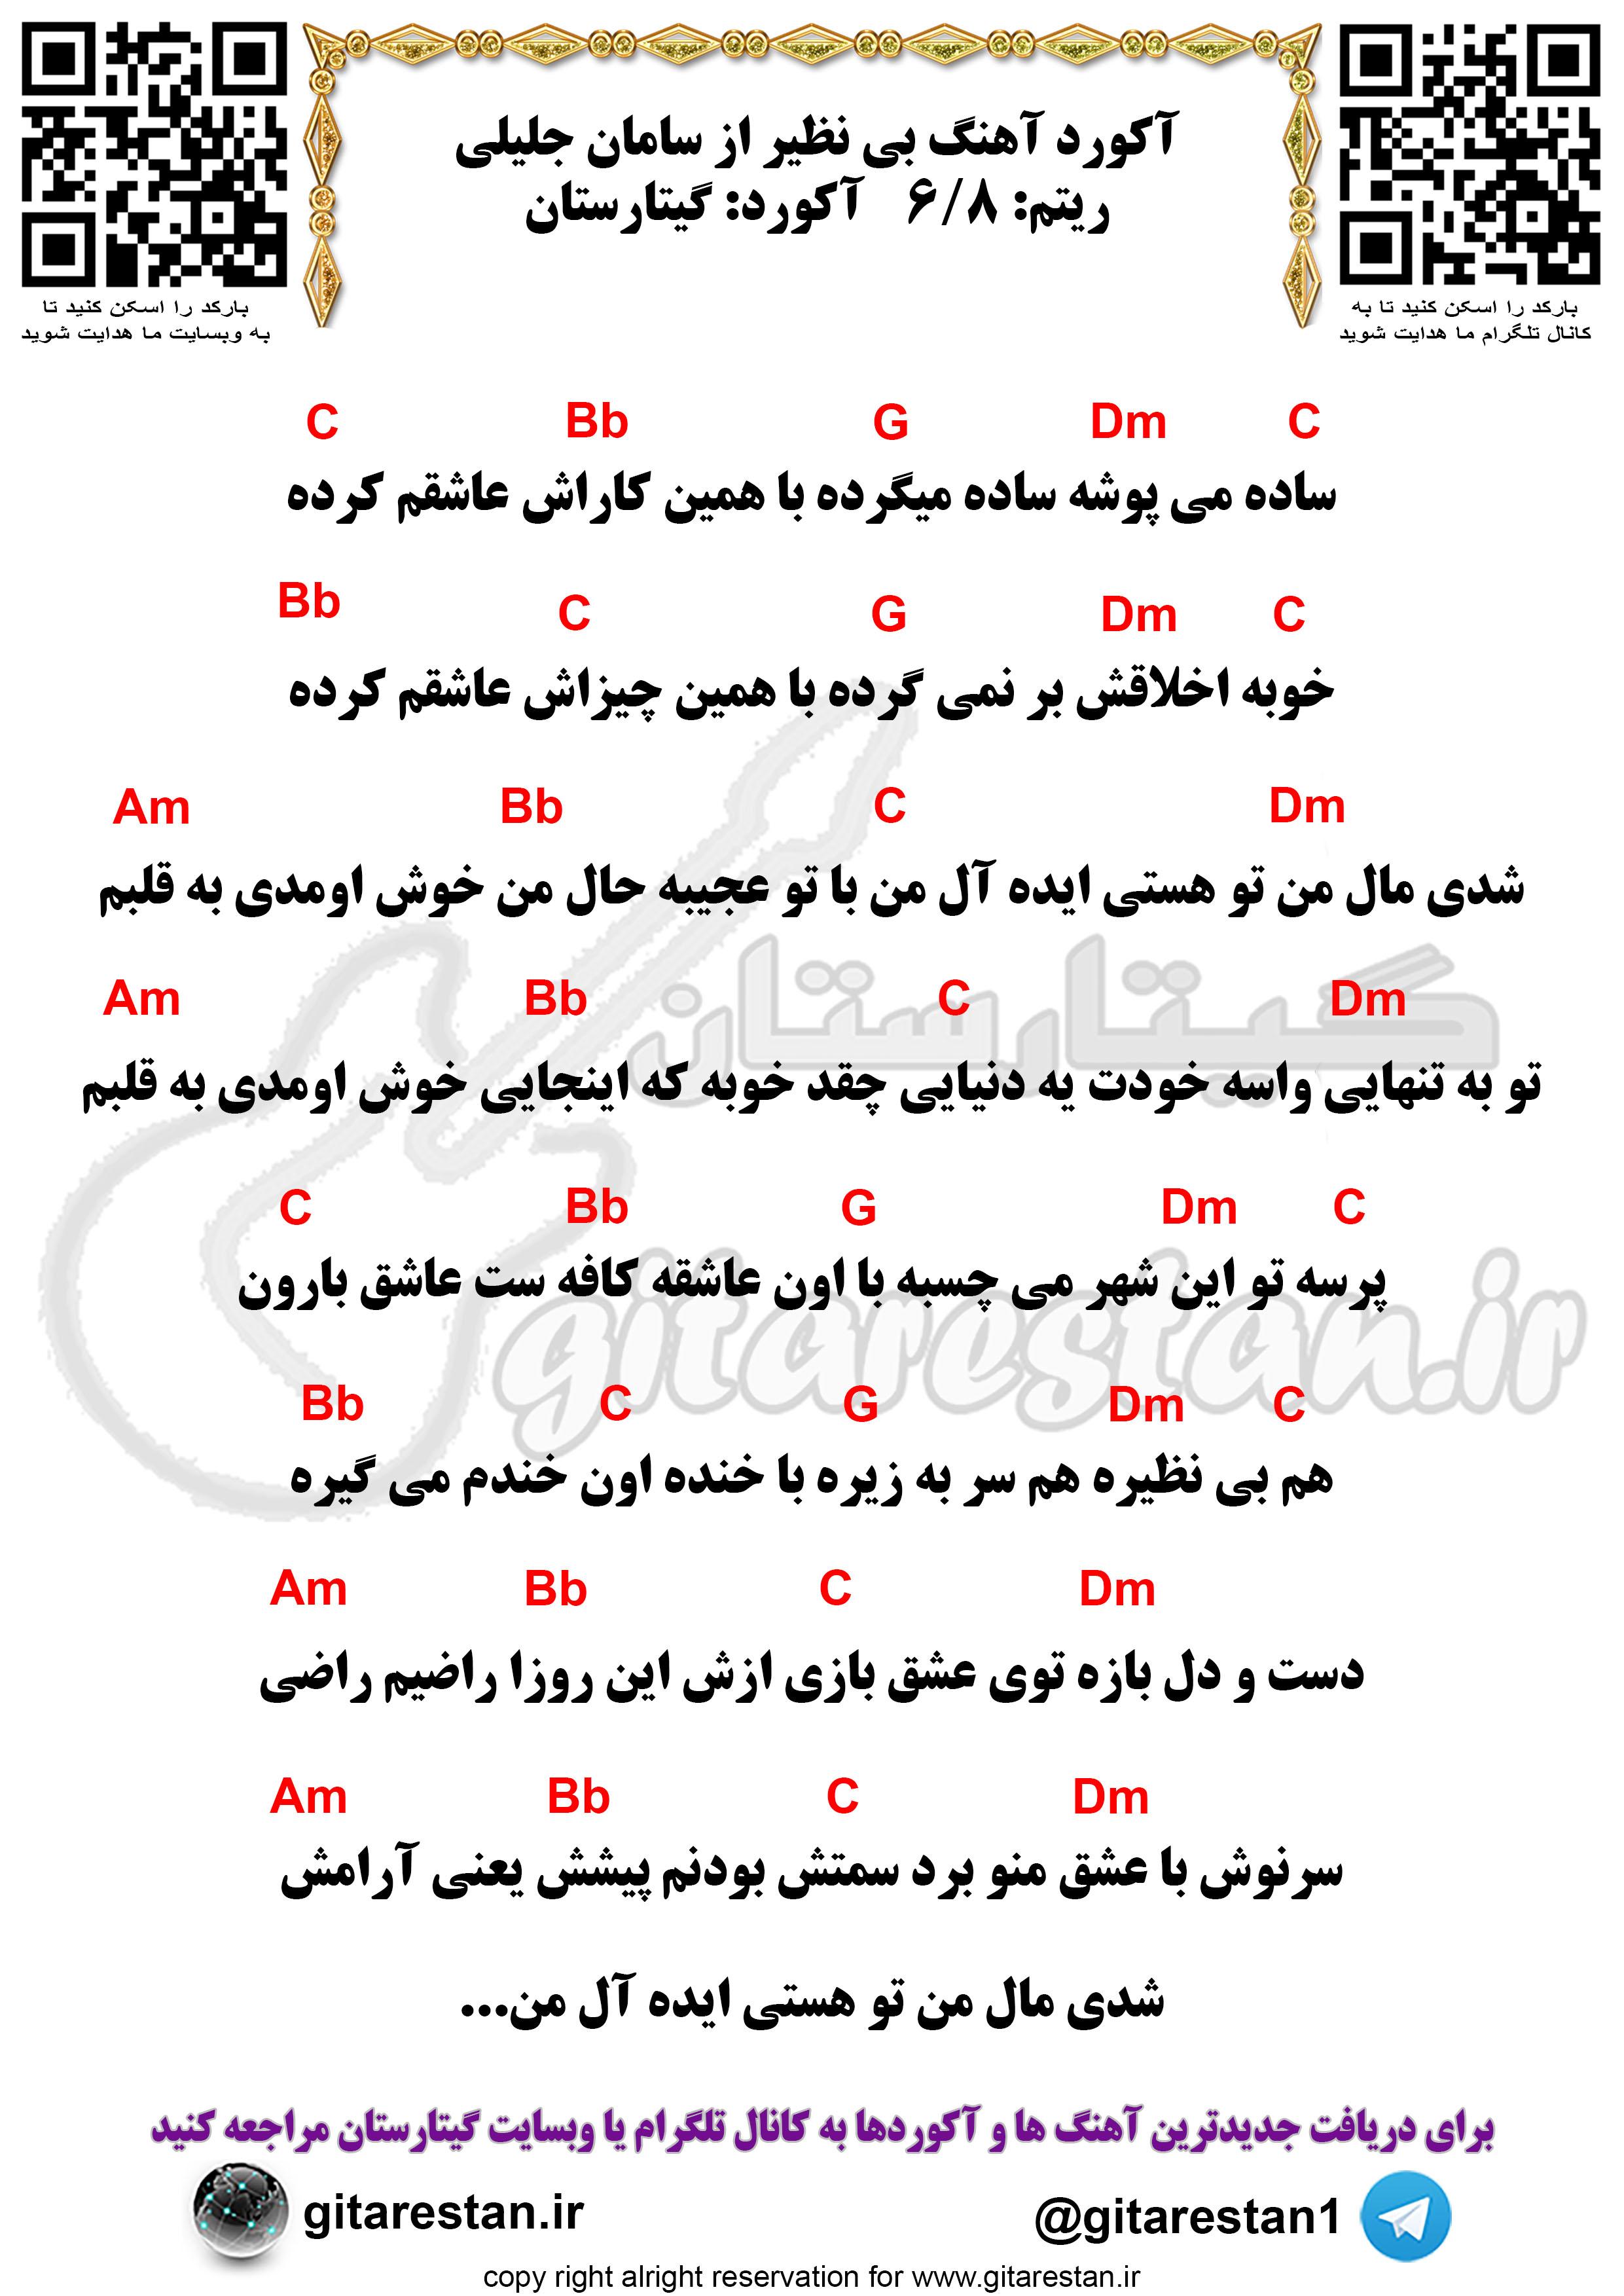 آکورد بی نظیر سامان جلیلی - گیتارستان